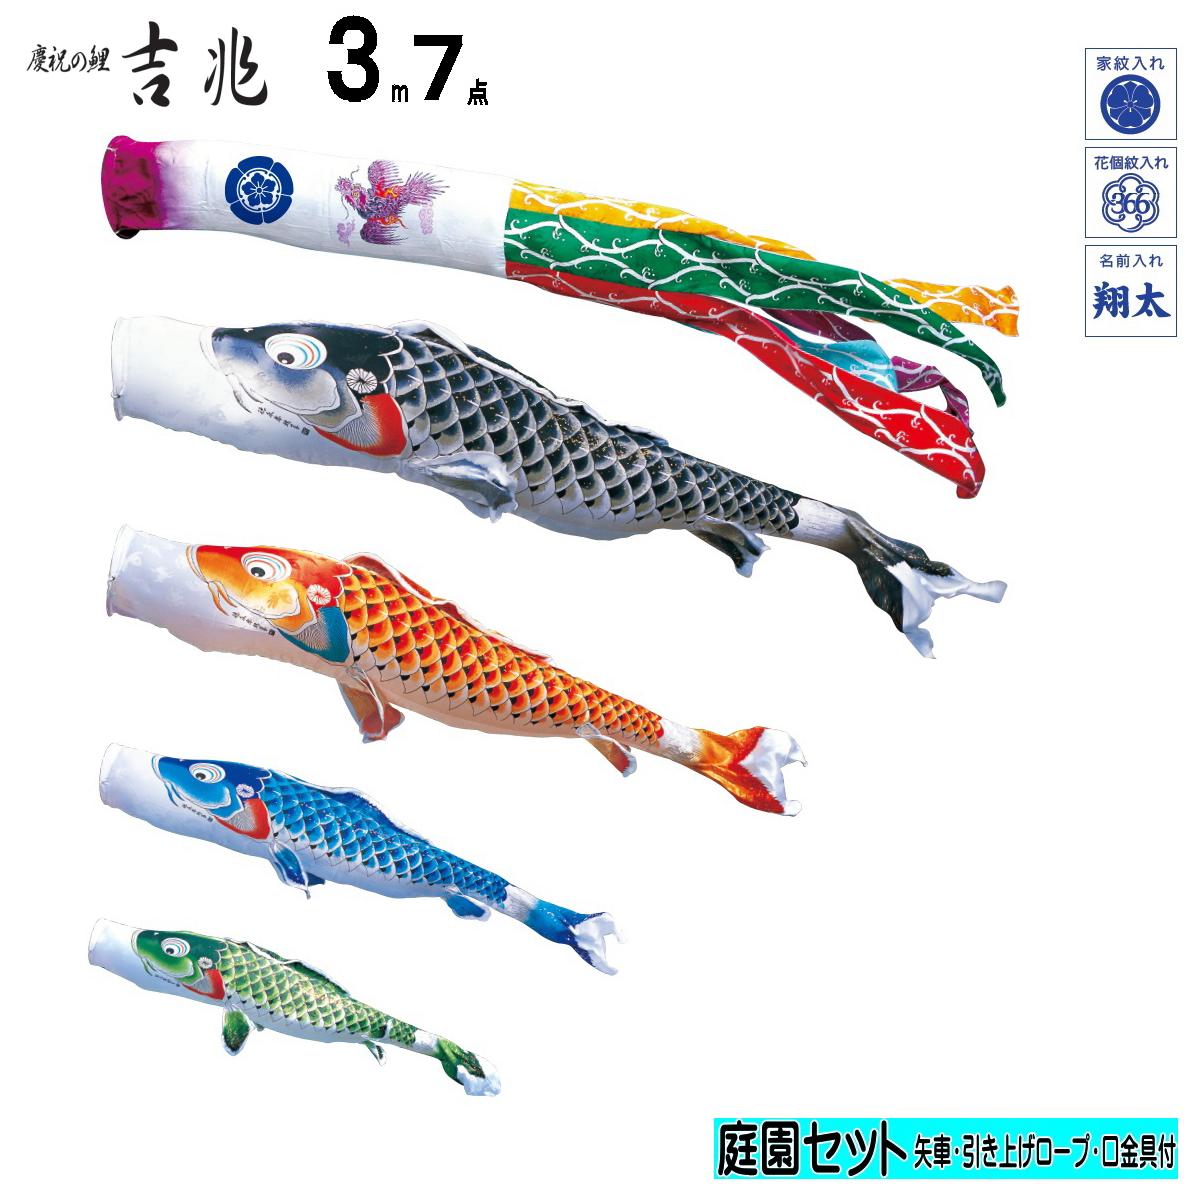 庭園用 こいのぼり慶祝の鯉 吉兆 3m7点セット(徳永鯉)鯉のぼり 鯉幟